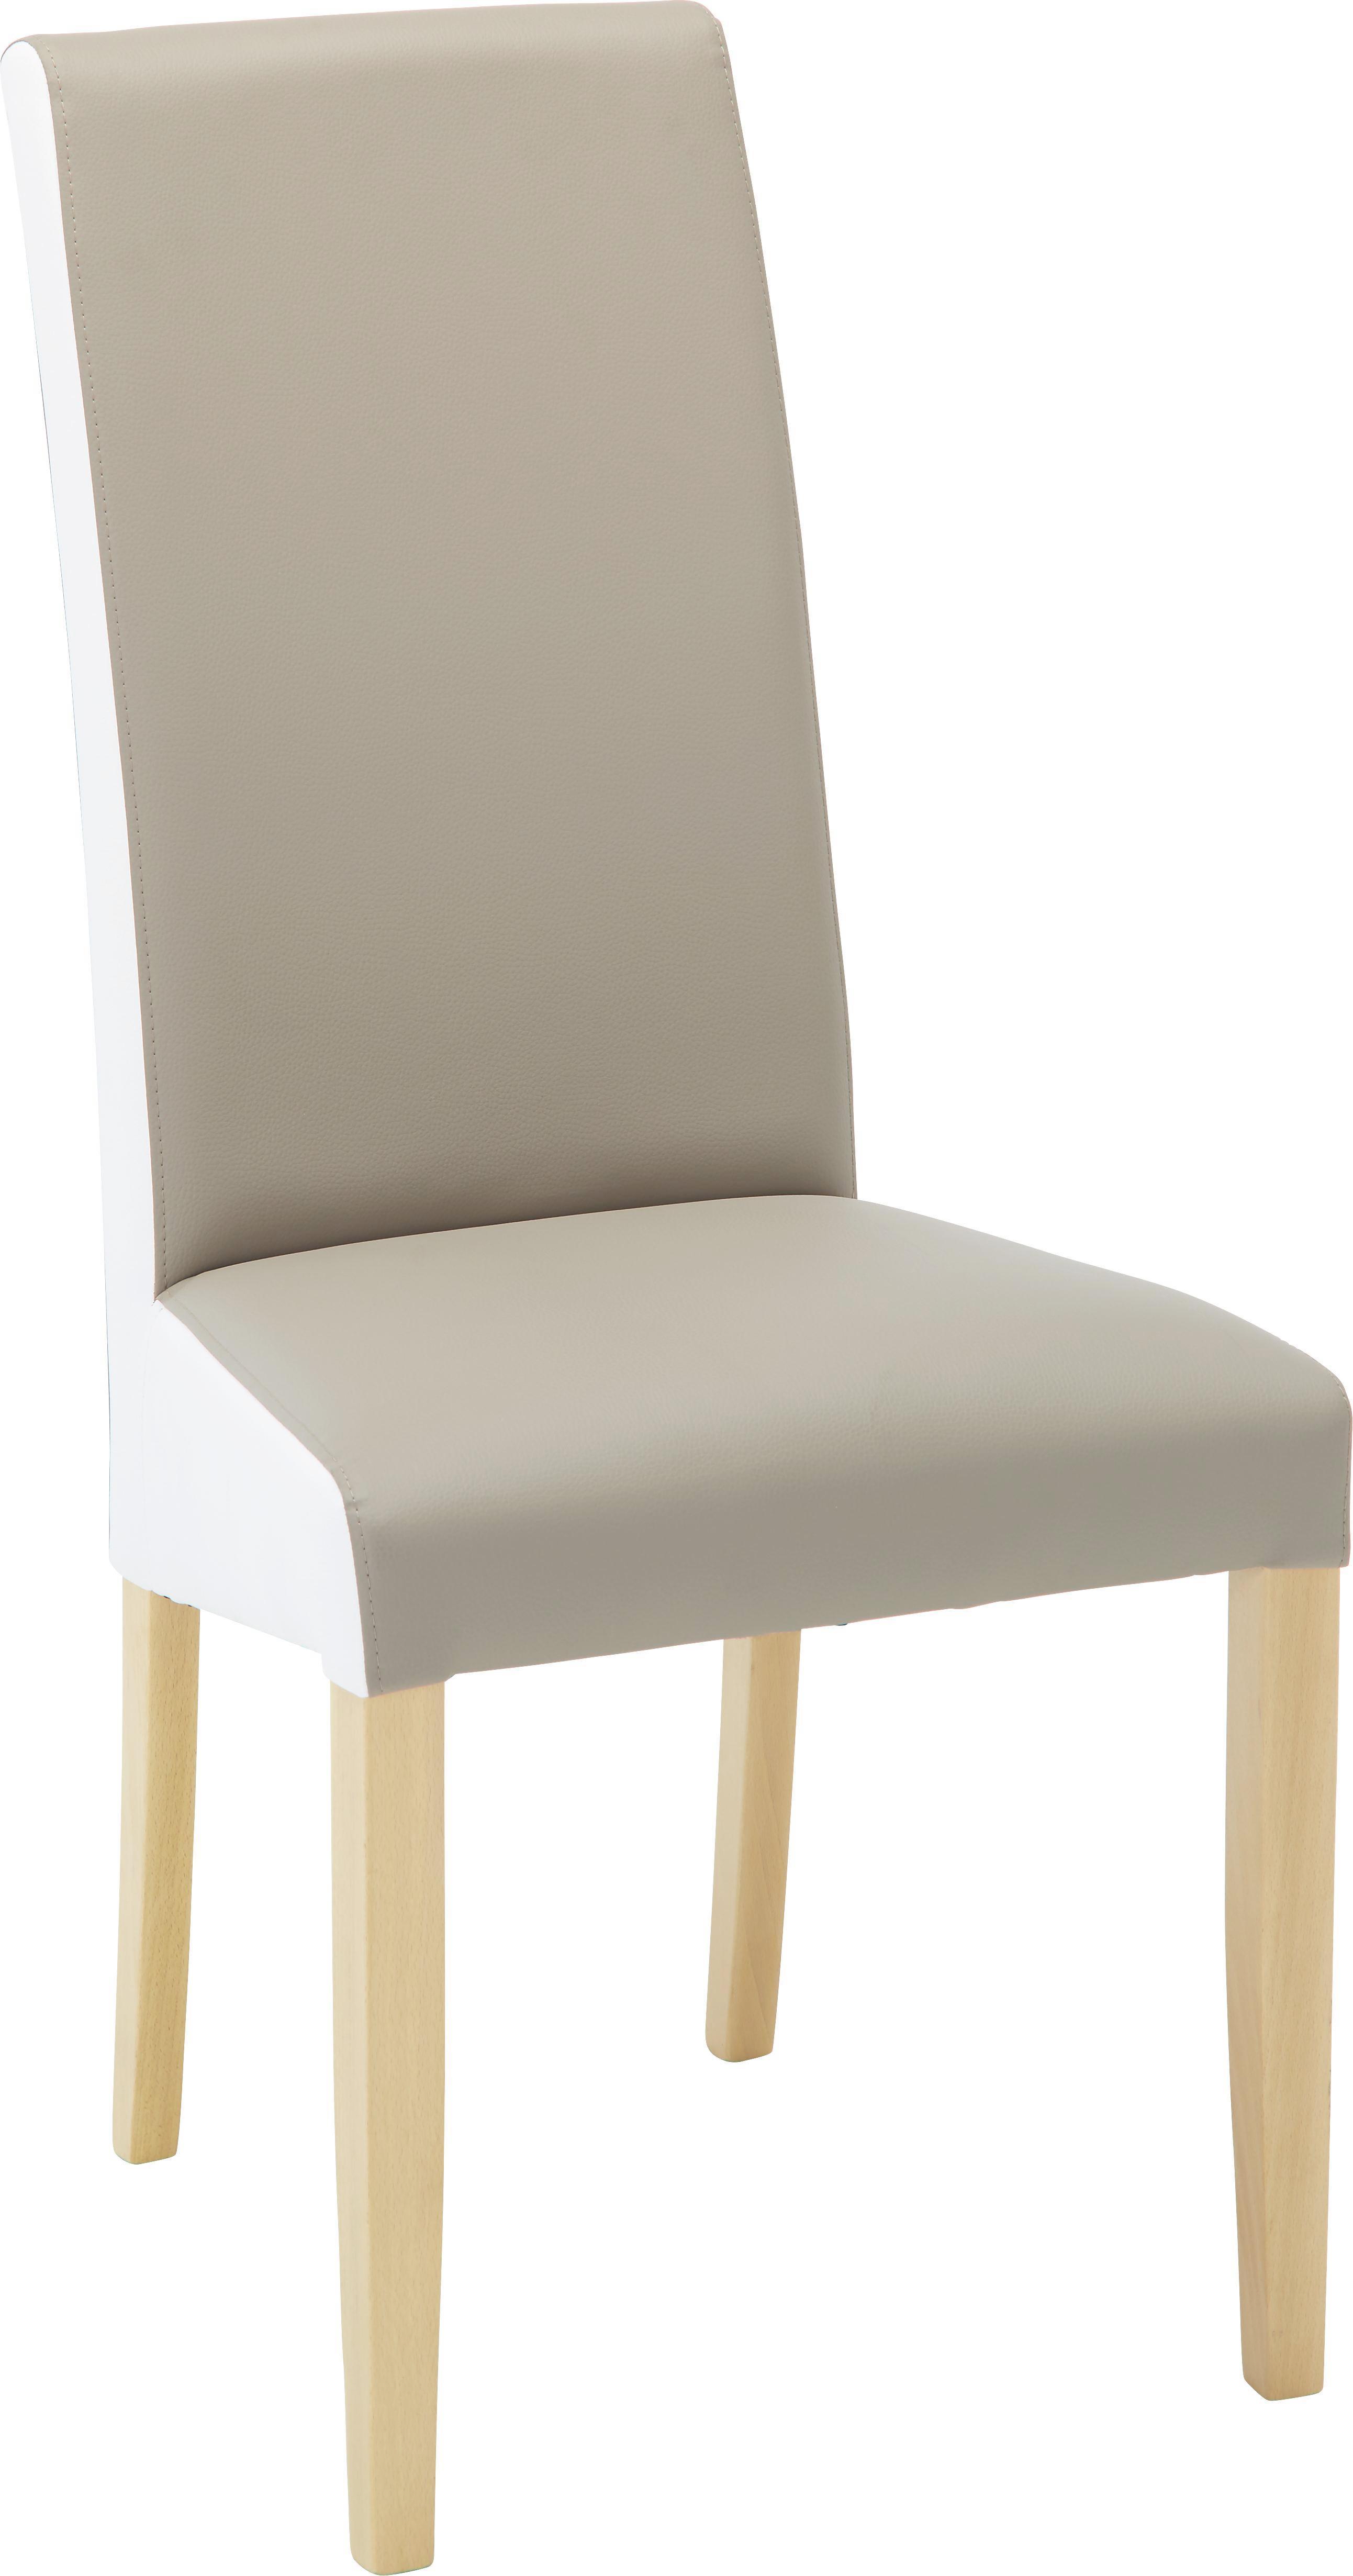 Stuhl In Schlamm/Weiß   Schlammfarben/Buchefarben, MODERN, Holz/Textil (